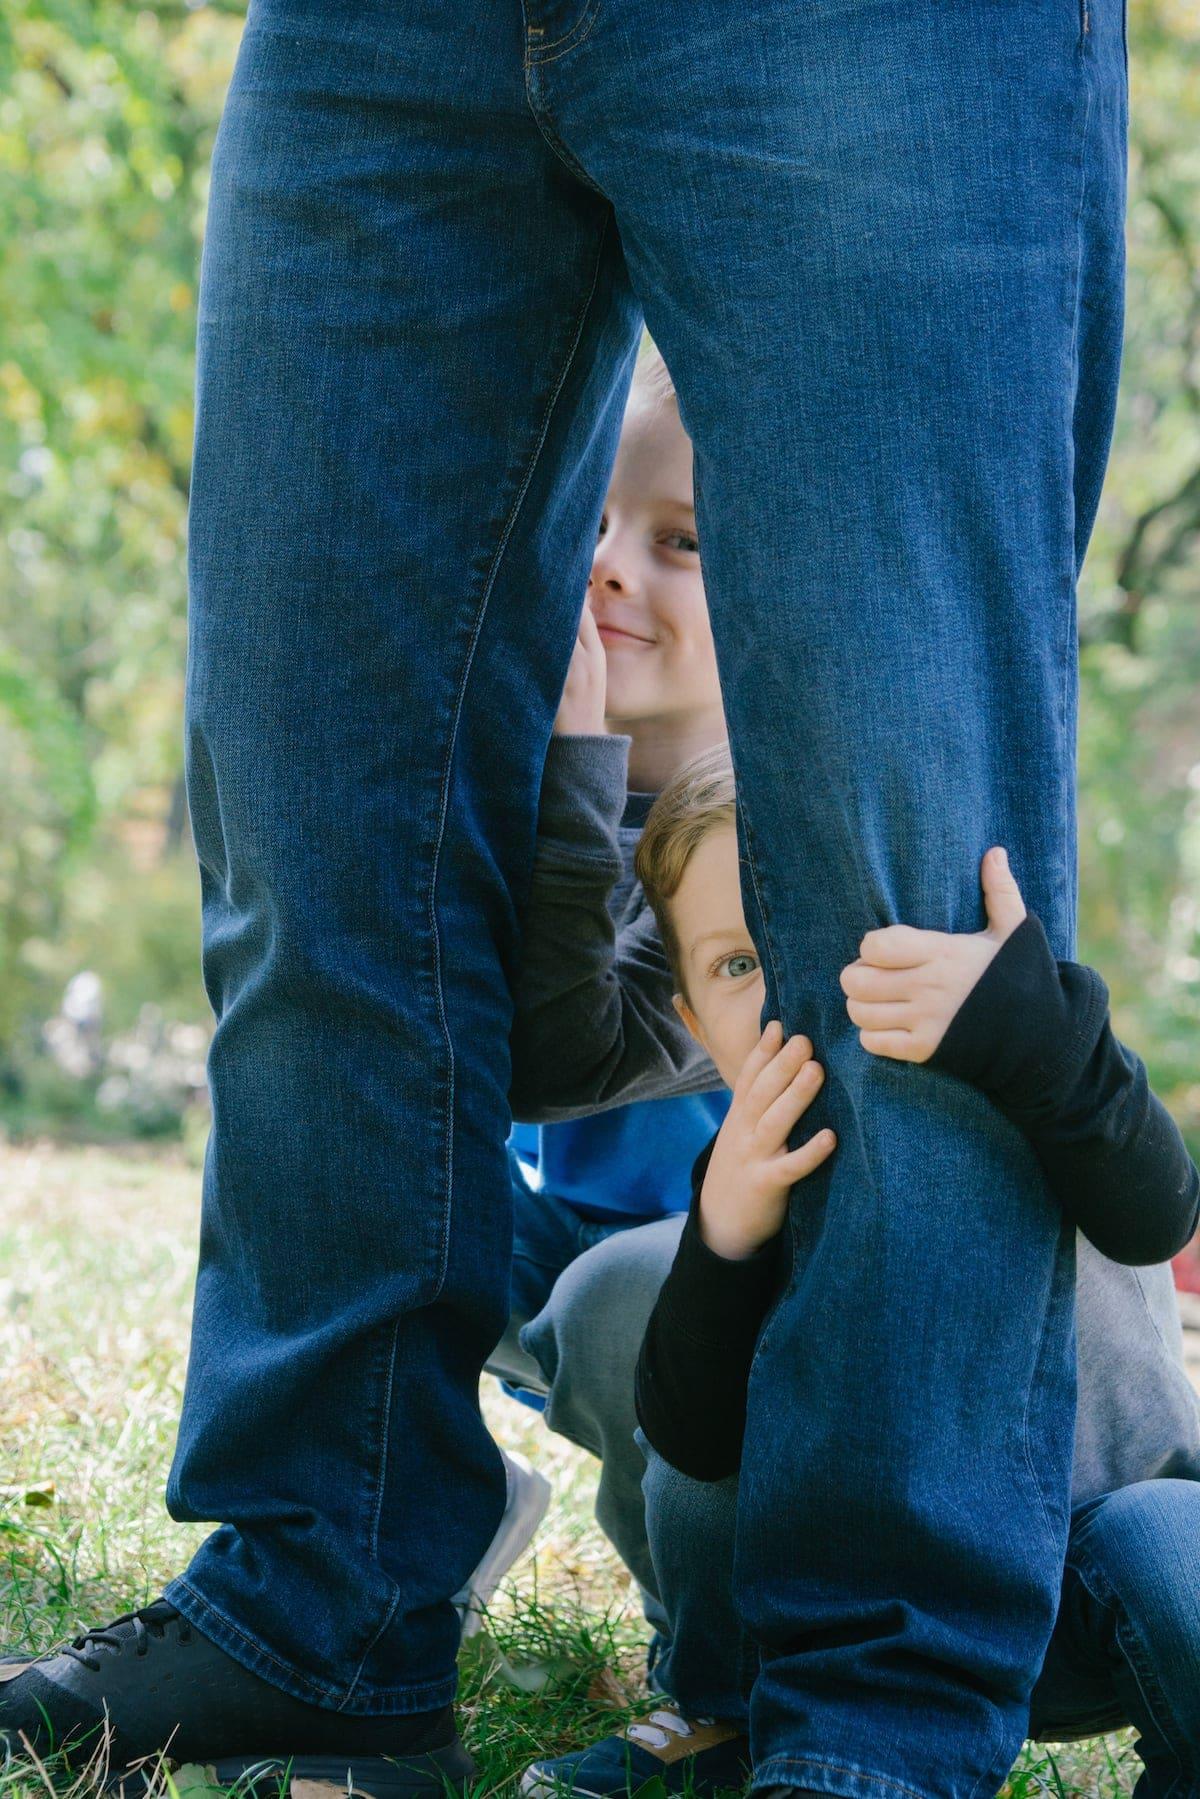 Eddie and Blake hiding behind legs